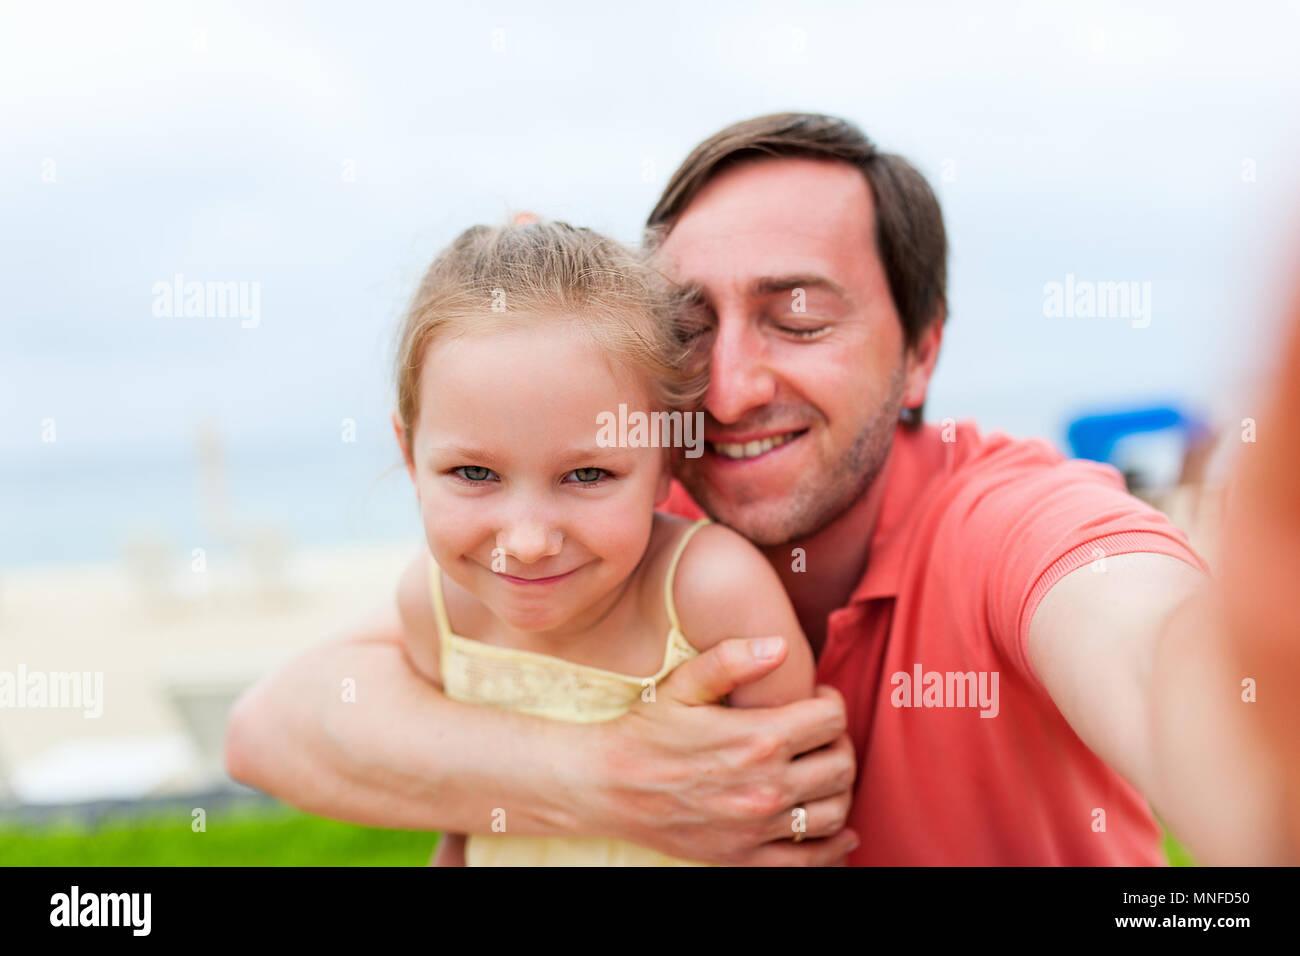 La famiglia felice padre e sua adorabile figlia piccola a beach tenendo selfie Immagini Stock